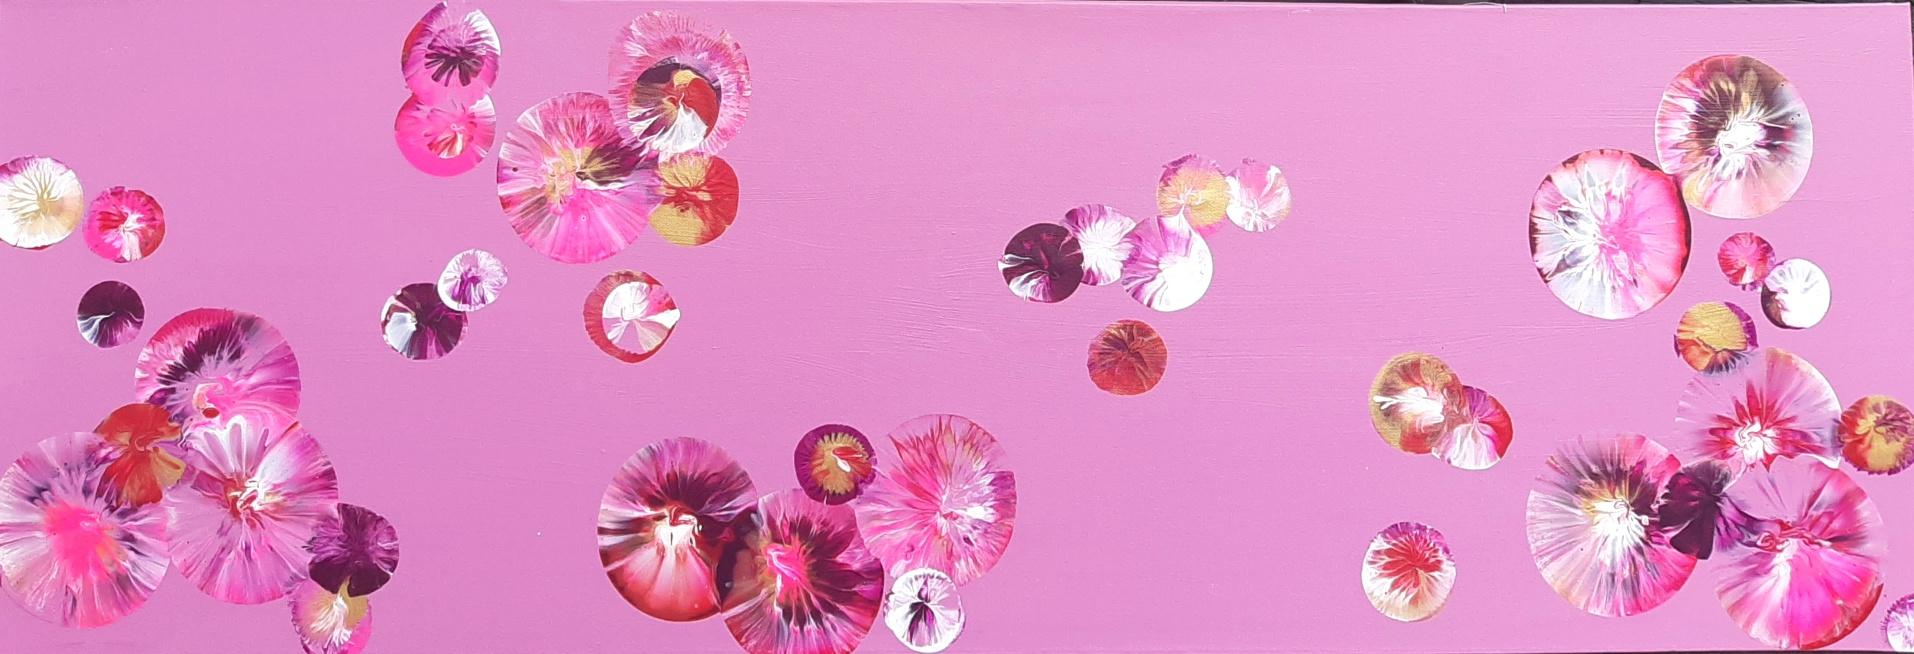 Schilderij 'Bubbles' van Sacha